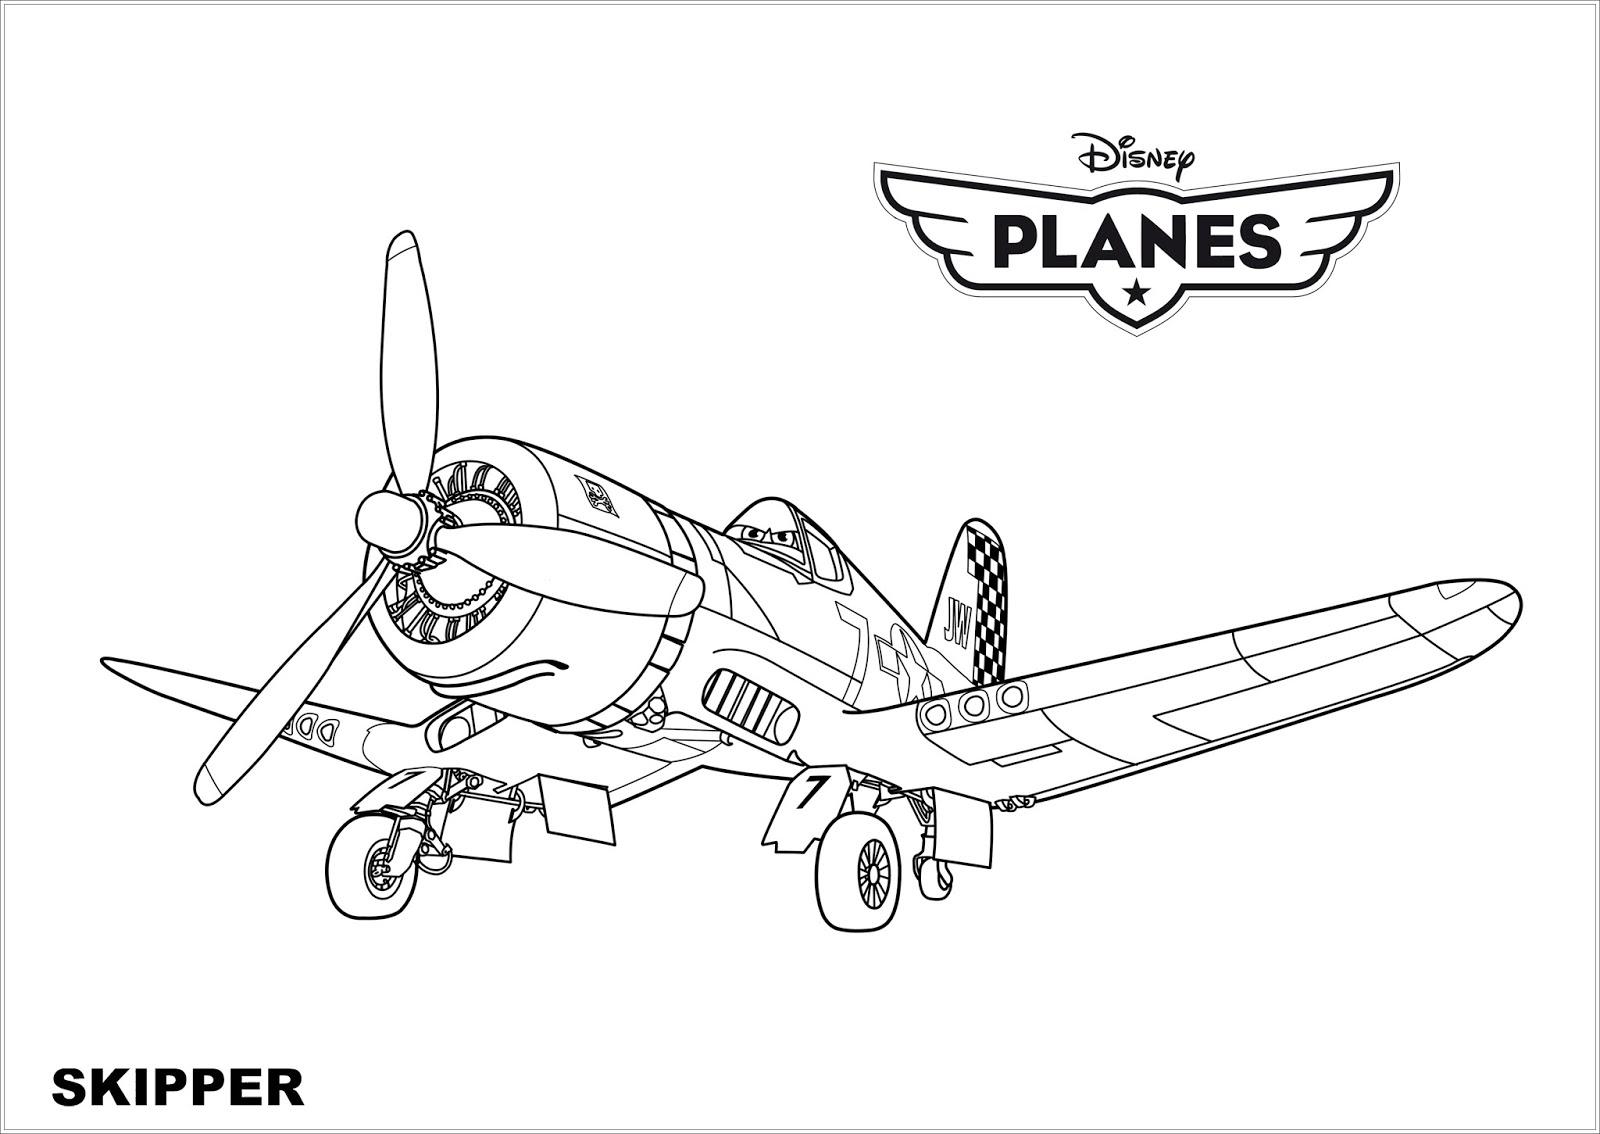 Ausmalbilder Zum Ausdrucken Disney Die Eiskönigin : Ausmalbilder Deutschland Ausmalbilder Planes Disney Zum Drucken